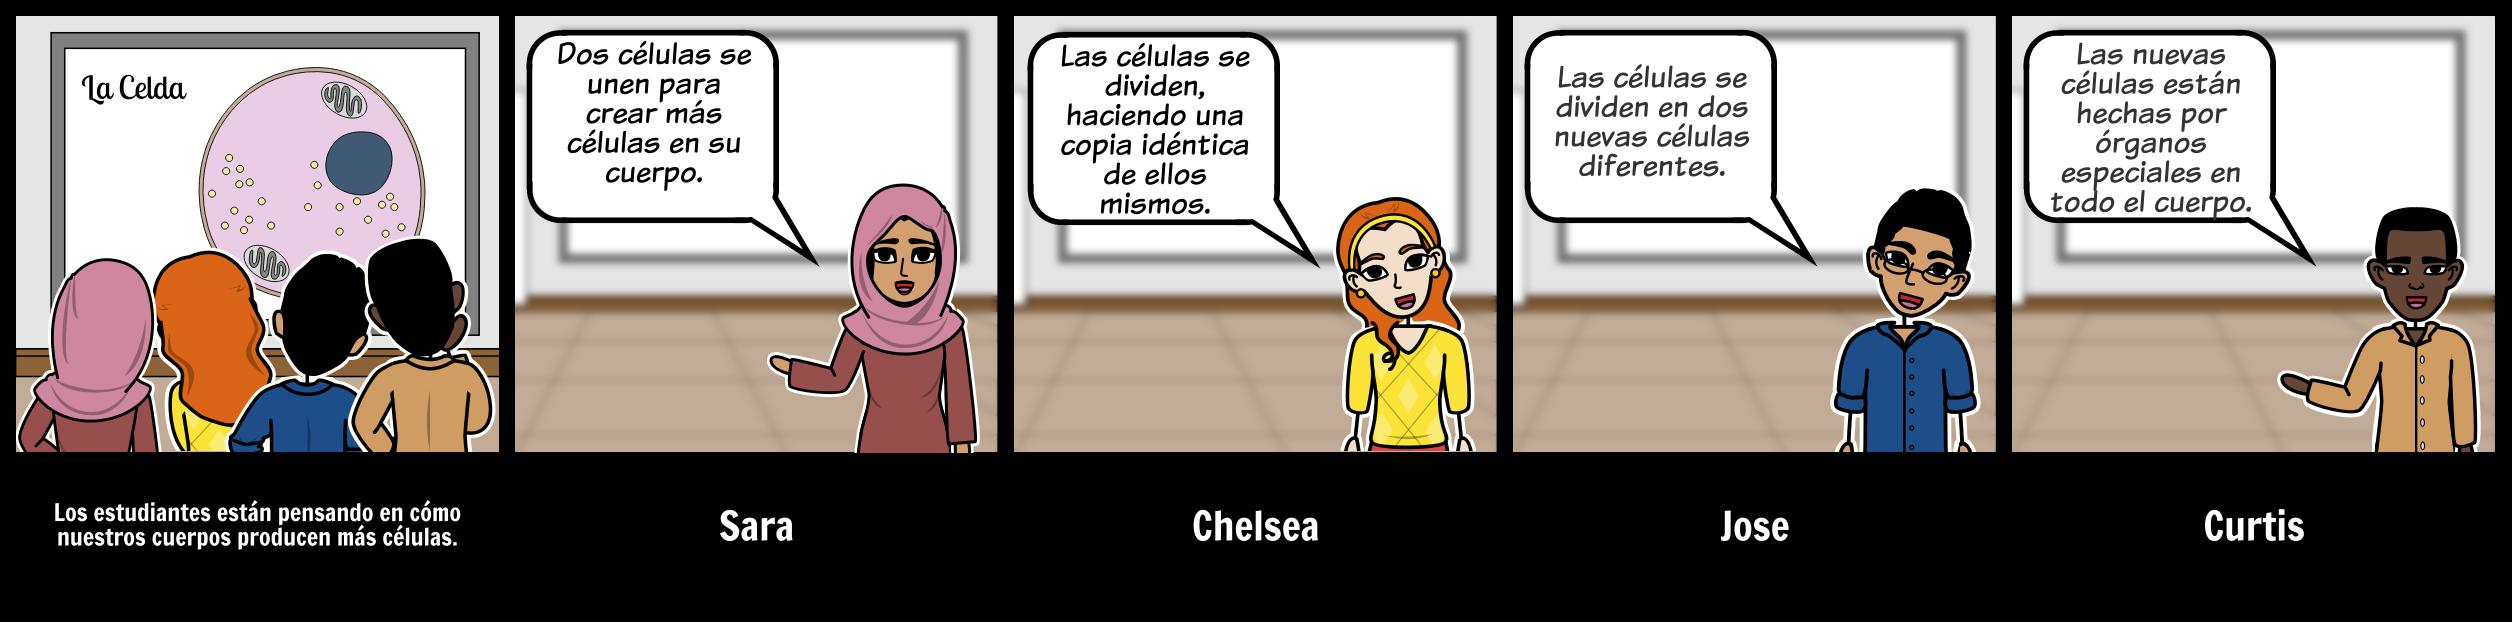 Storyboard de Discusión - HS - División Celular